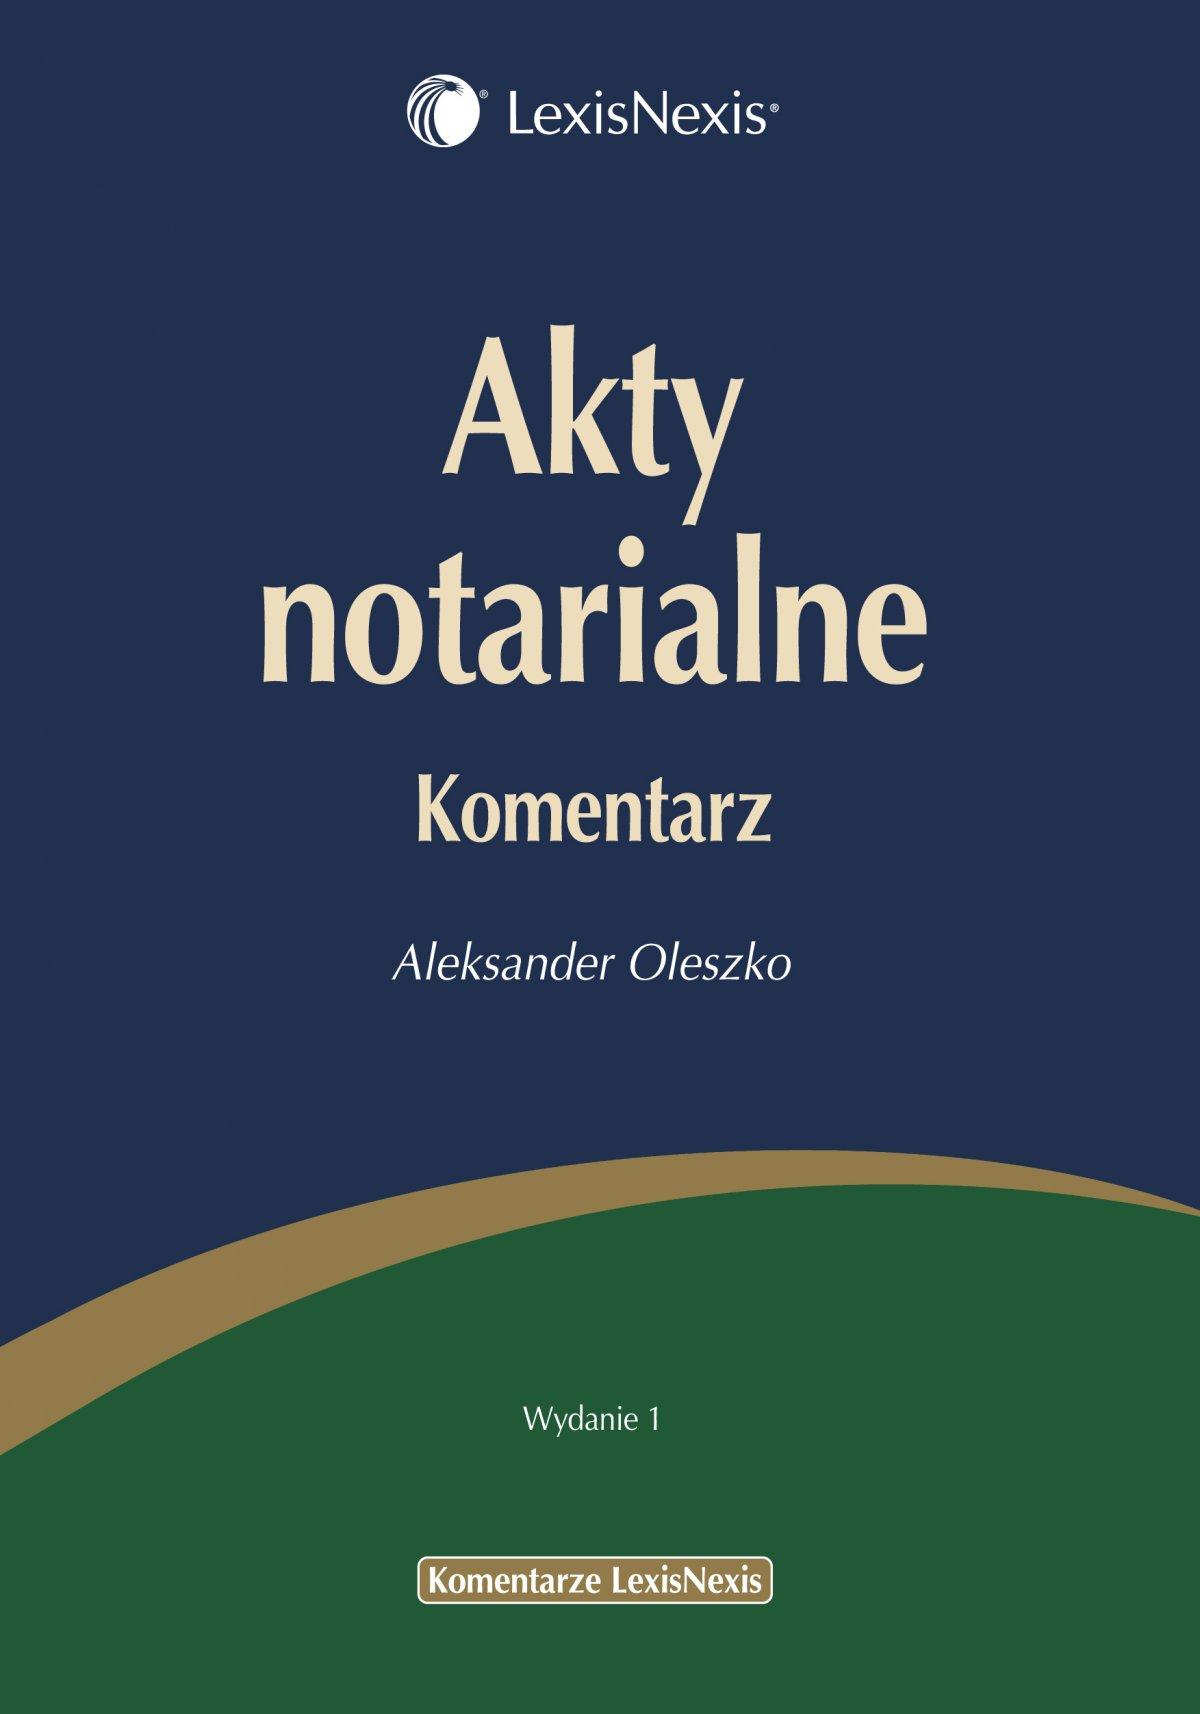 Akty notarialne. Komentarz - Ebook (Książka PDF) do pobrania w formacie PDF